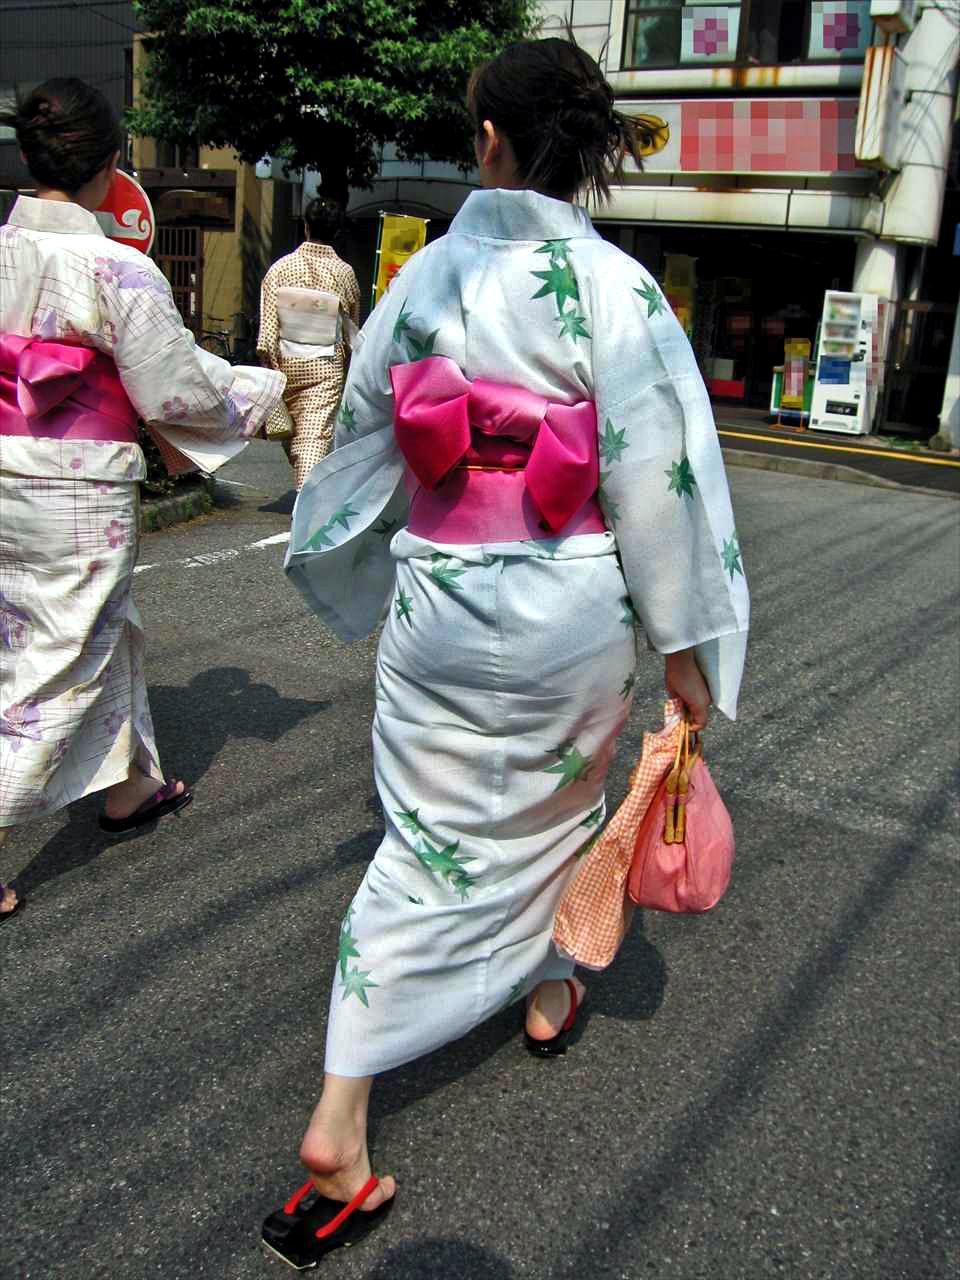 浴衣 お尻 透けパン パンティーライン エロ画像【24】